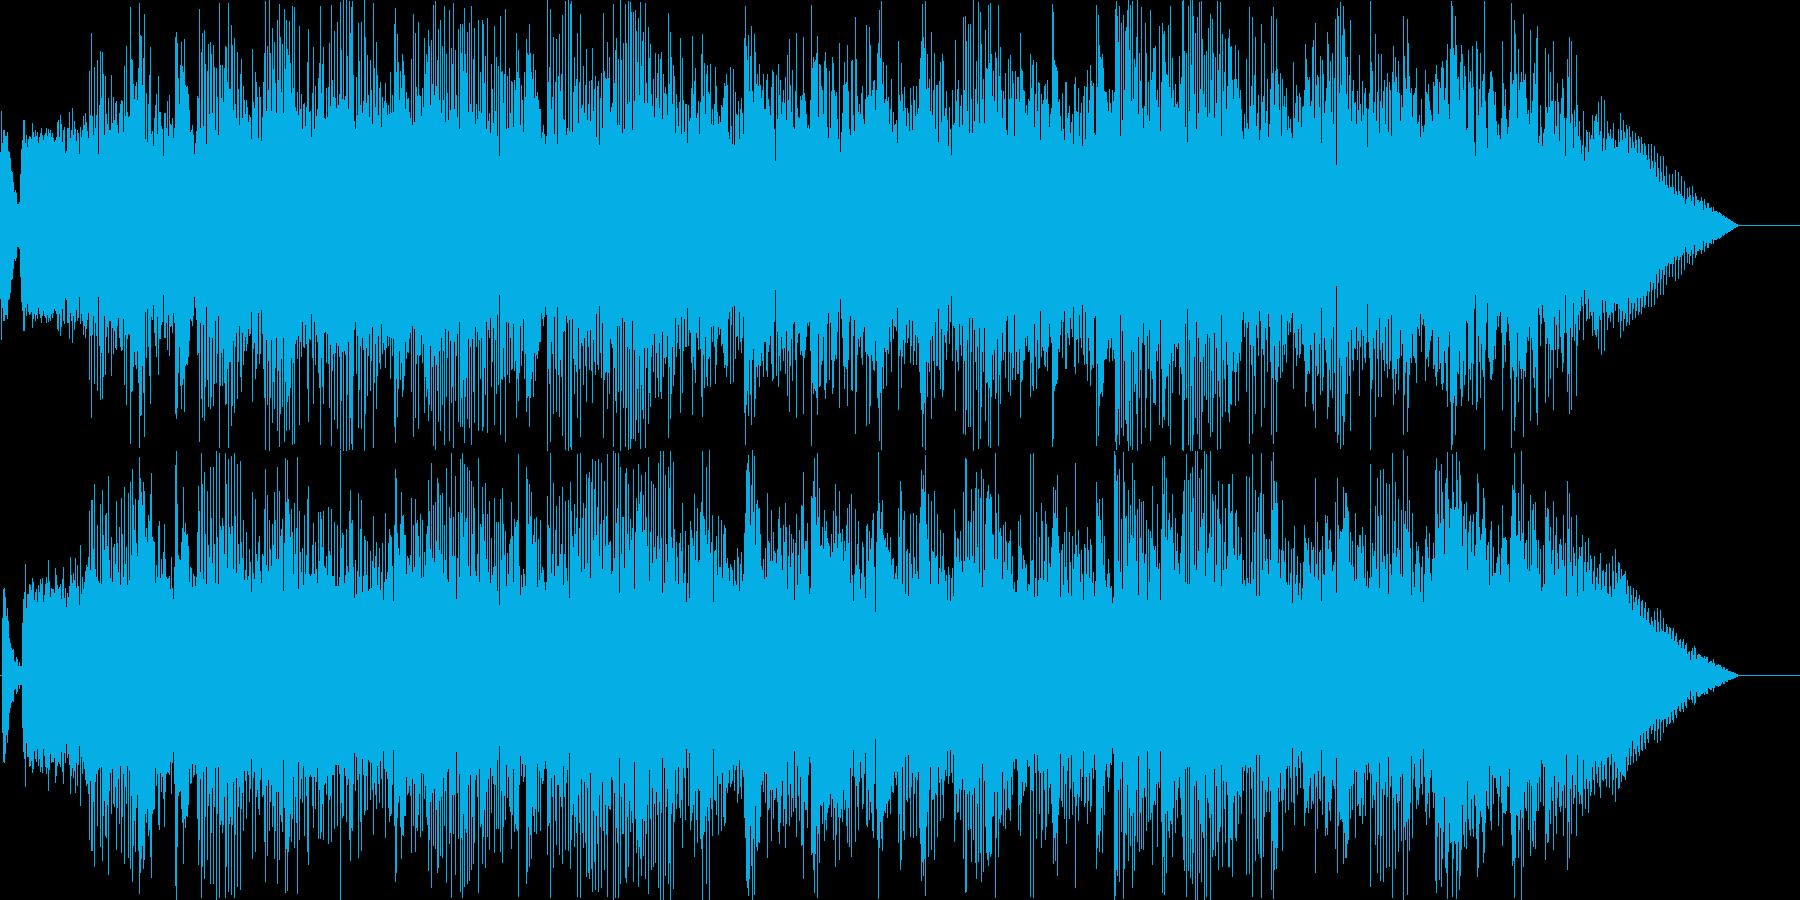 ロックテイストのBGMの再生済みの波形